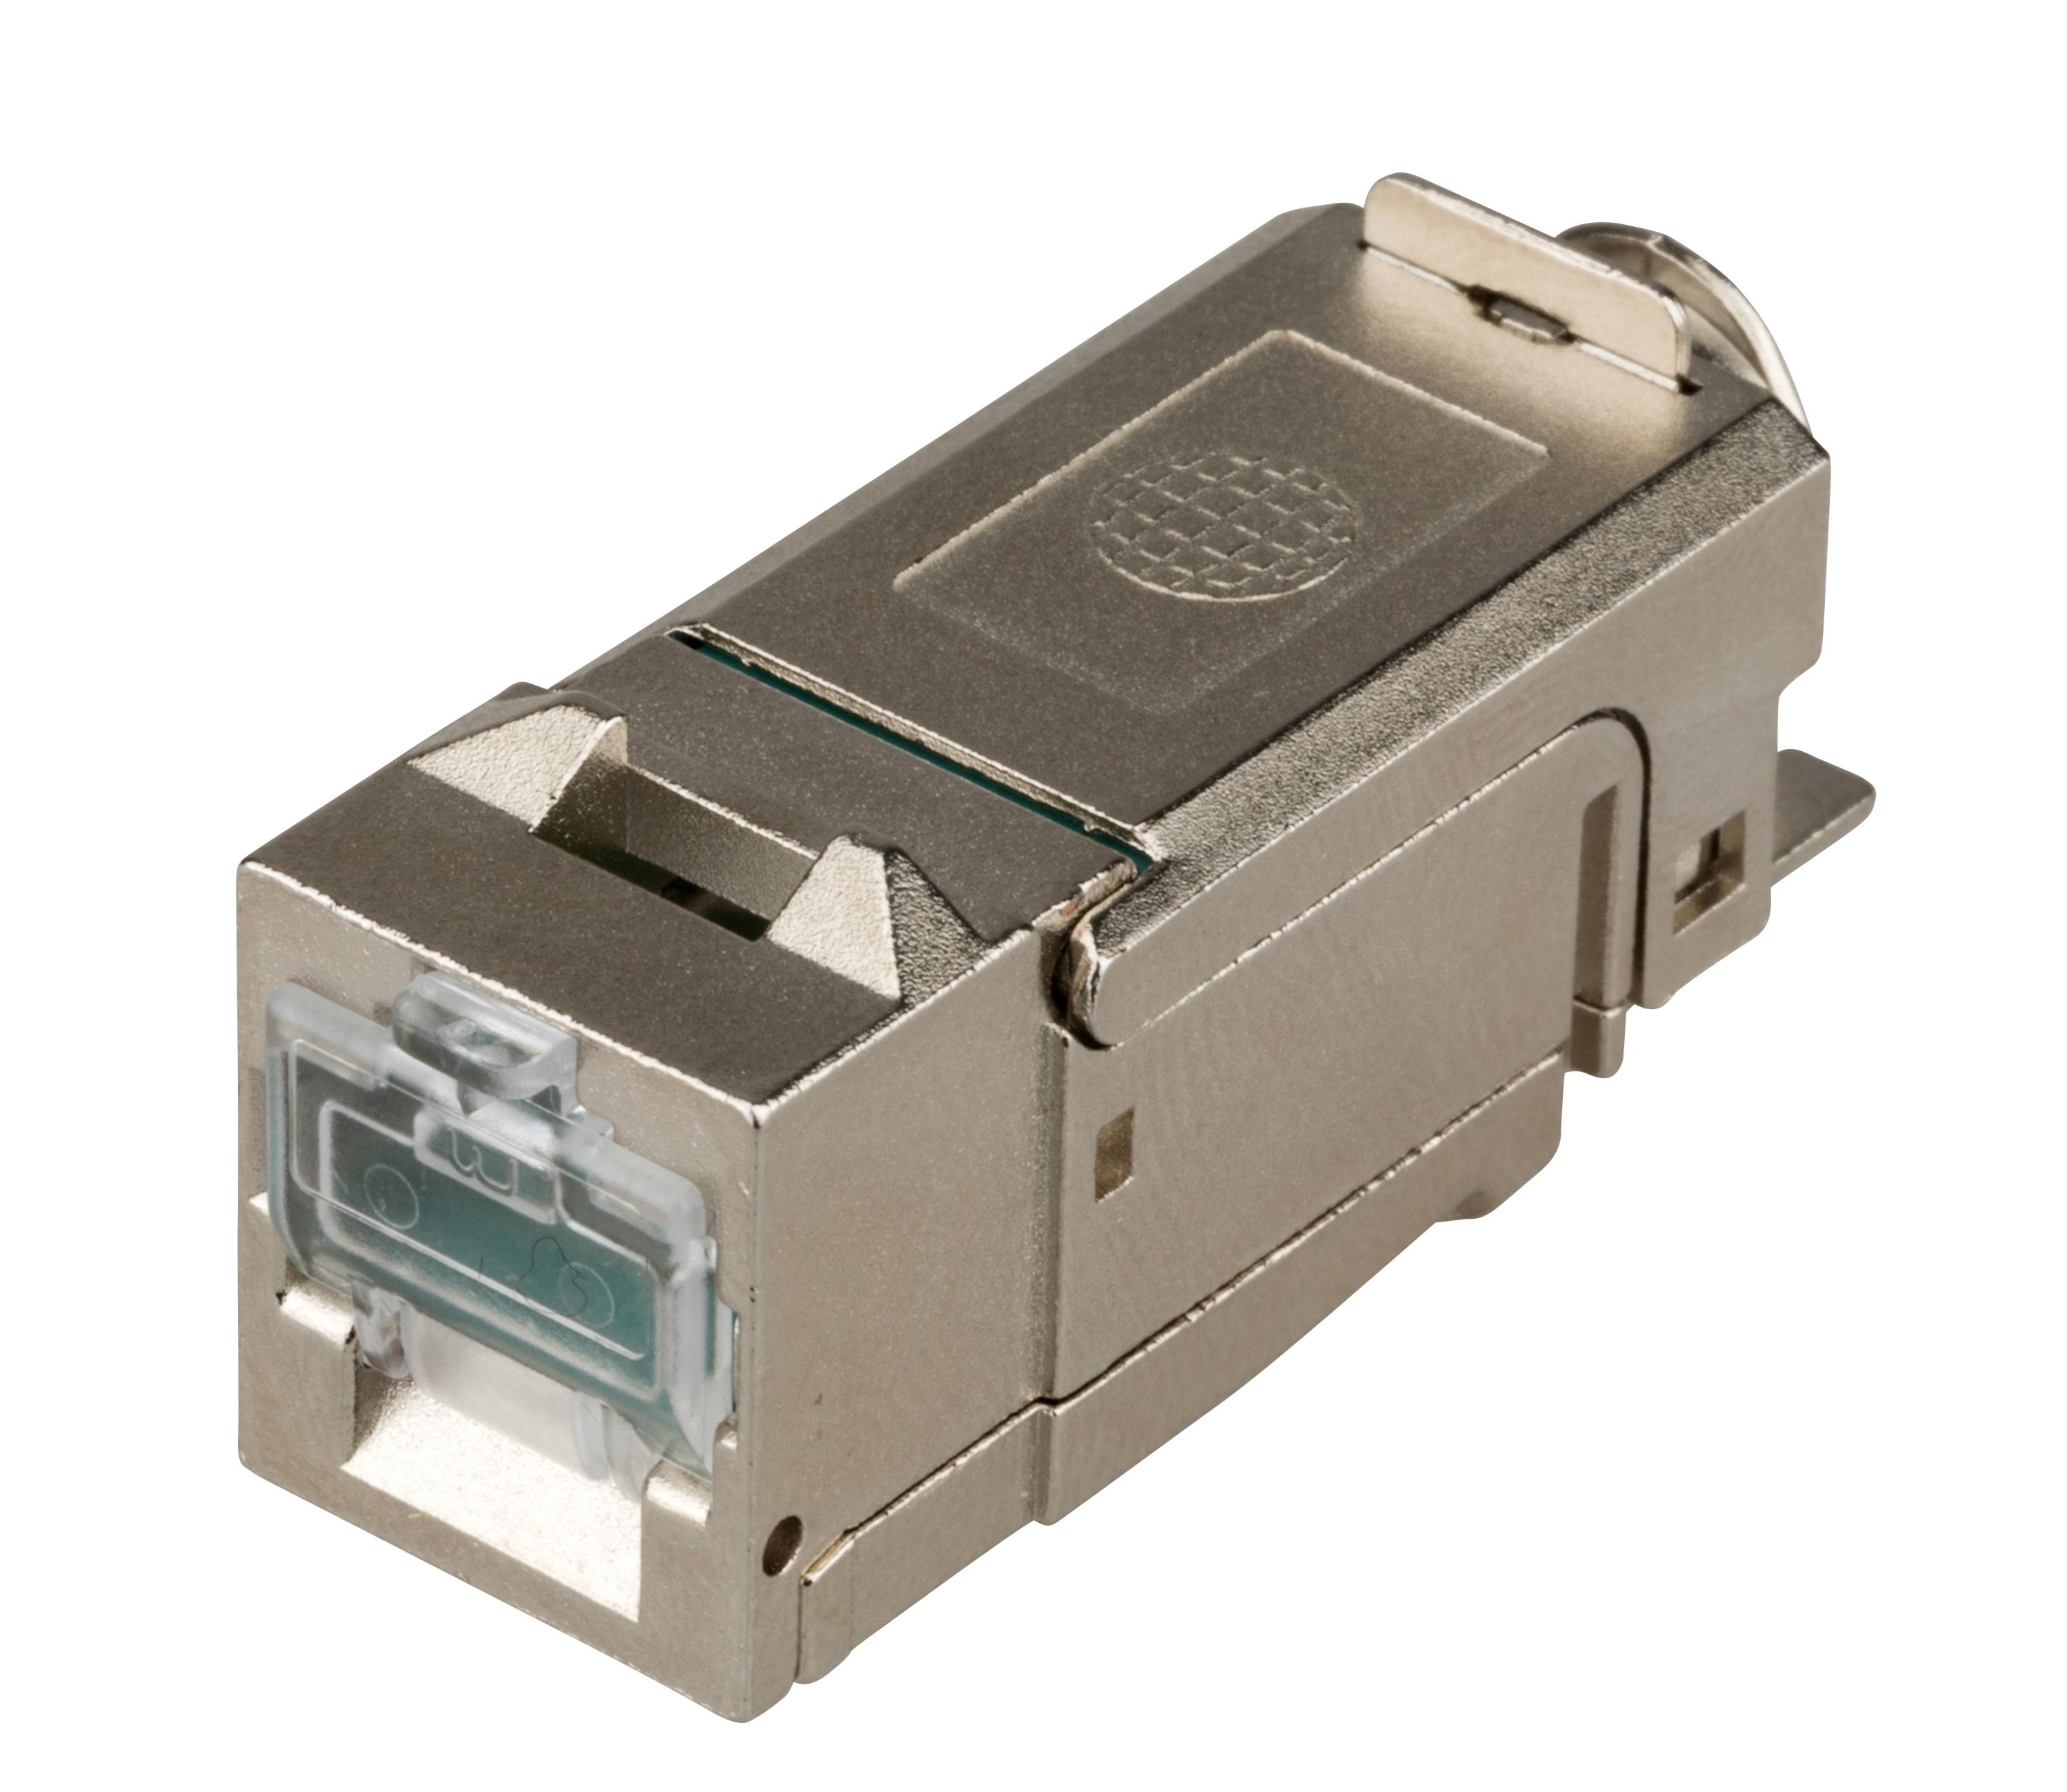 1 Stk QUICK CONNECT LINE Buchse RJ45 geschirmt Cat.6a (SFB), PoE+ HSLMGOL-01